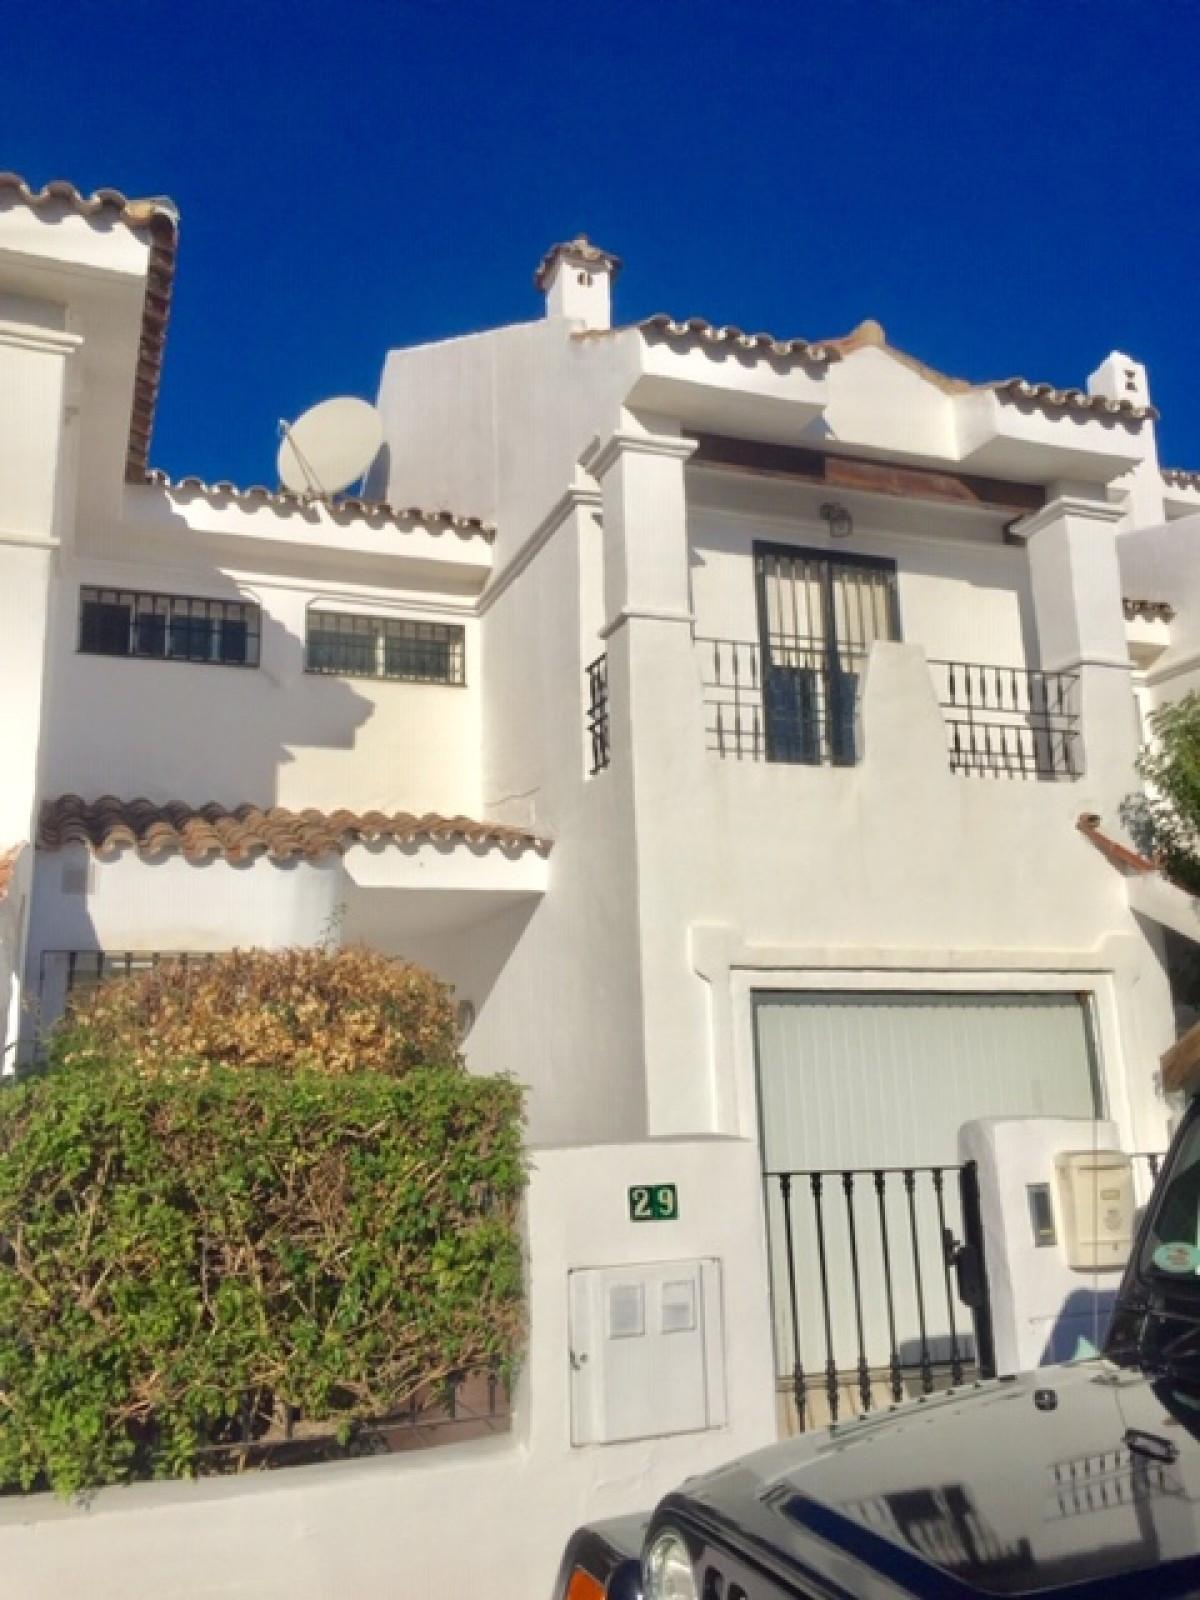 Casa - Puerto Banús - R3278020 - mibgroup.es